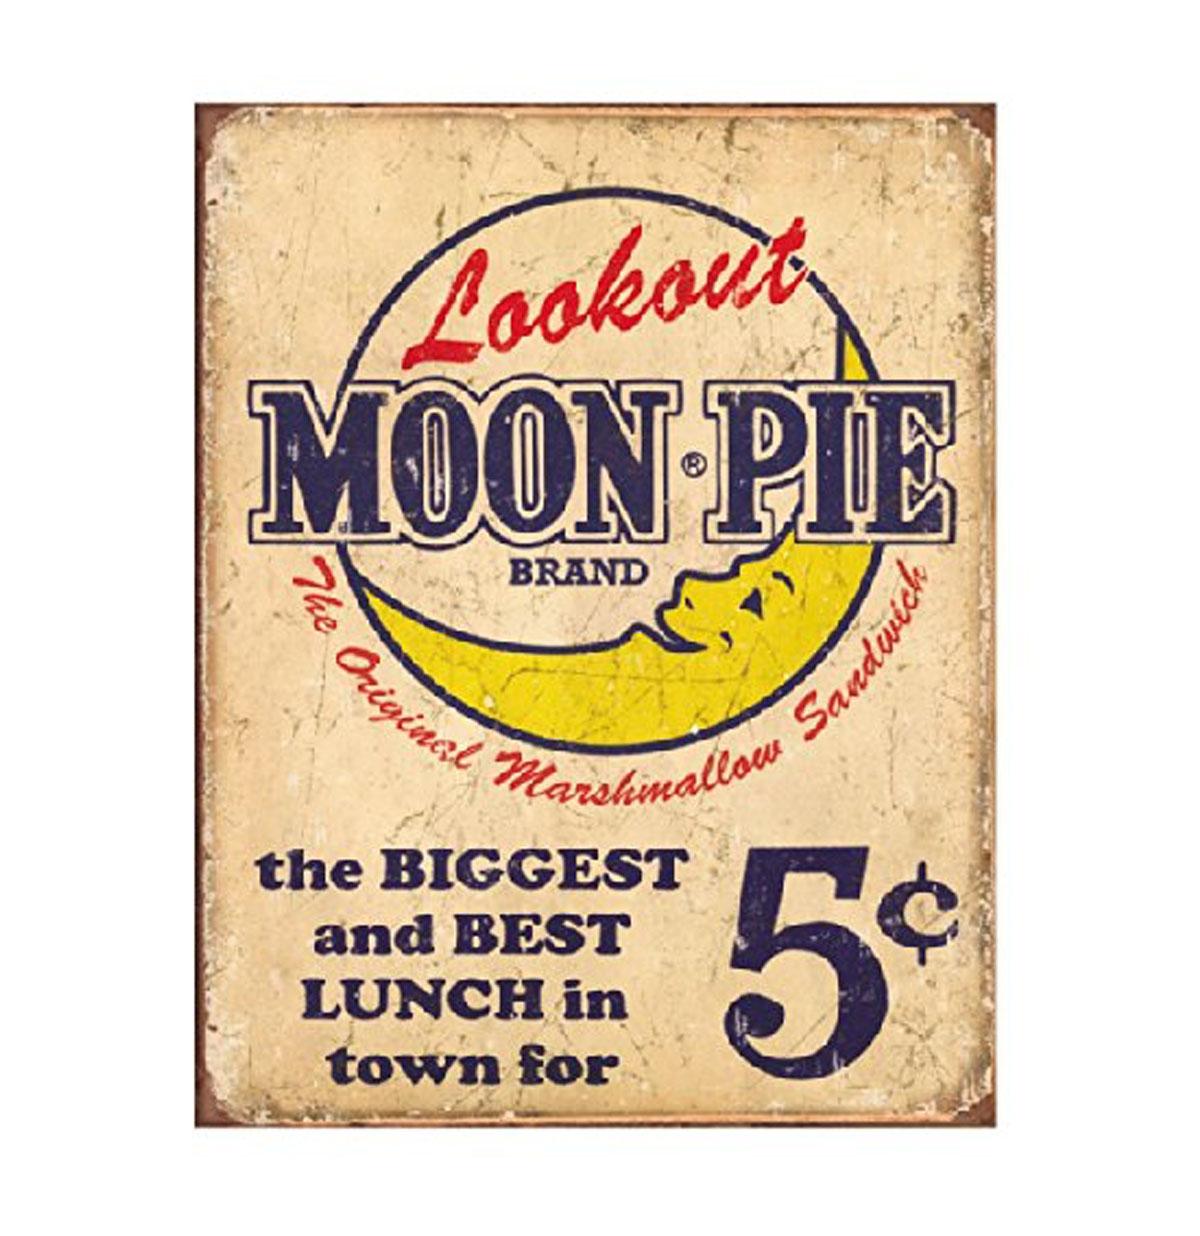 Lookout Moon Pie Brand Metal Sign